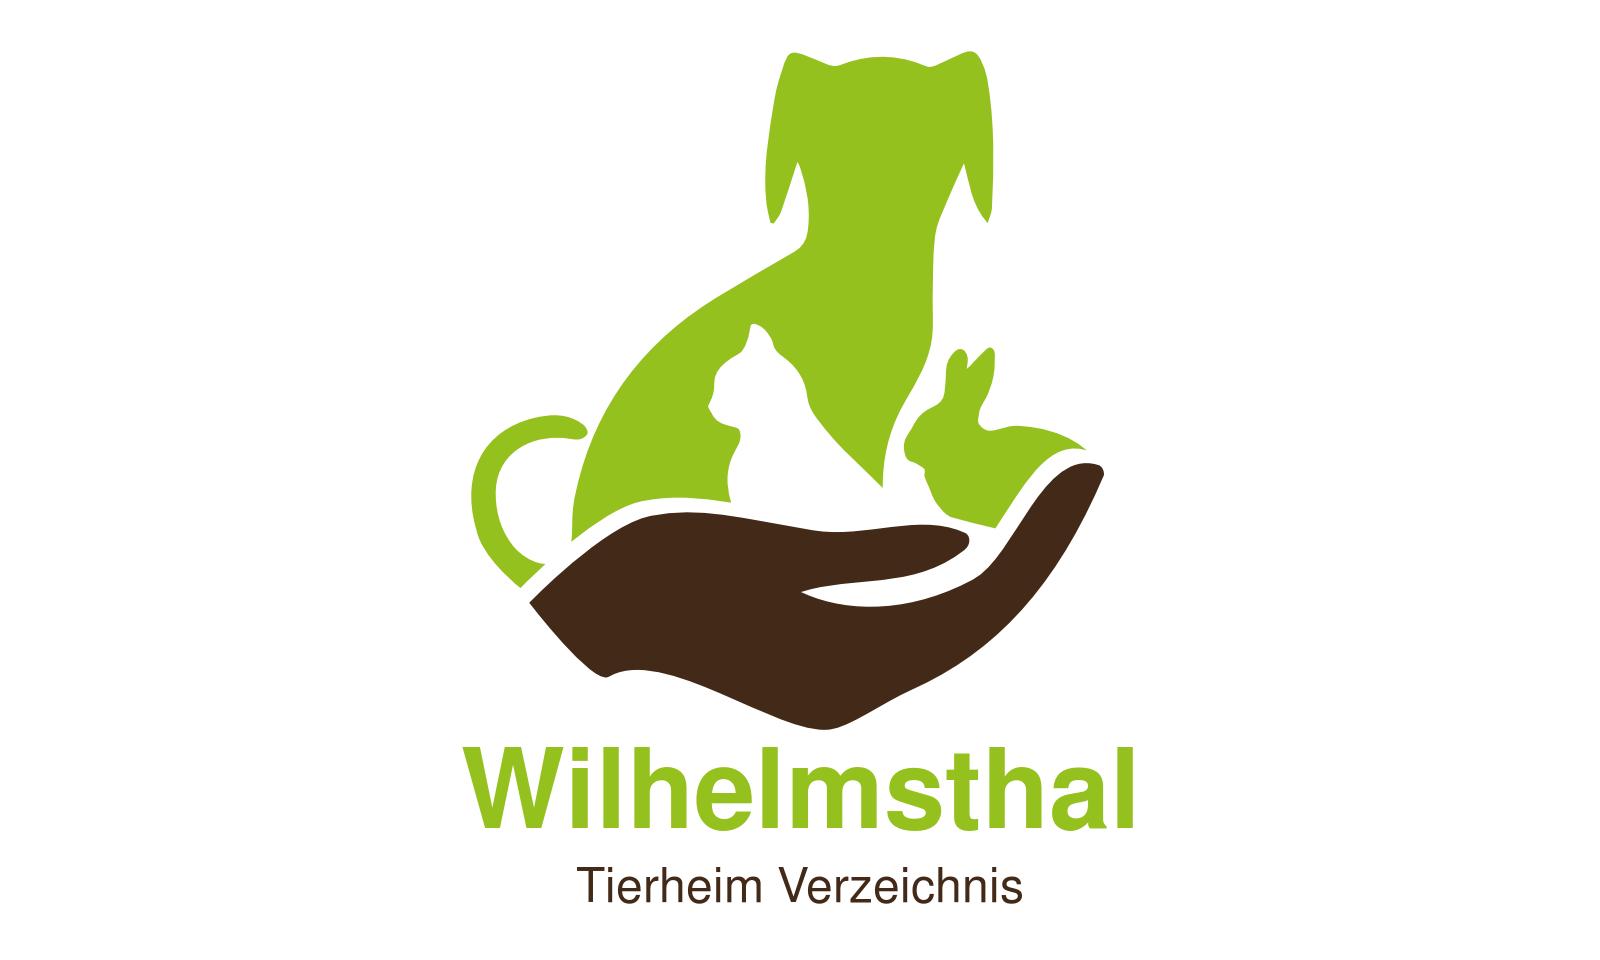 Tierheim Wilhelmsthal